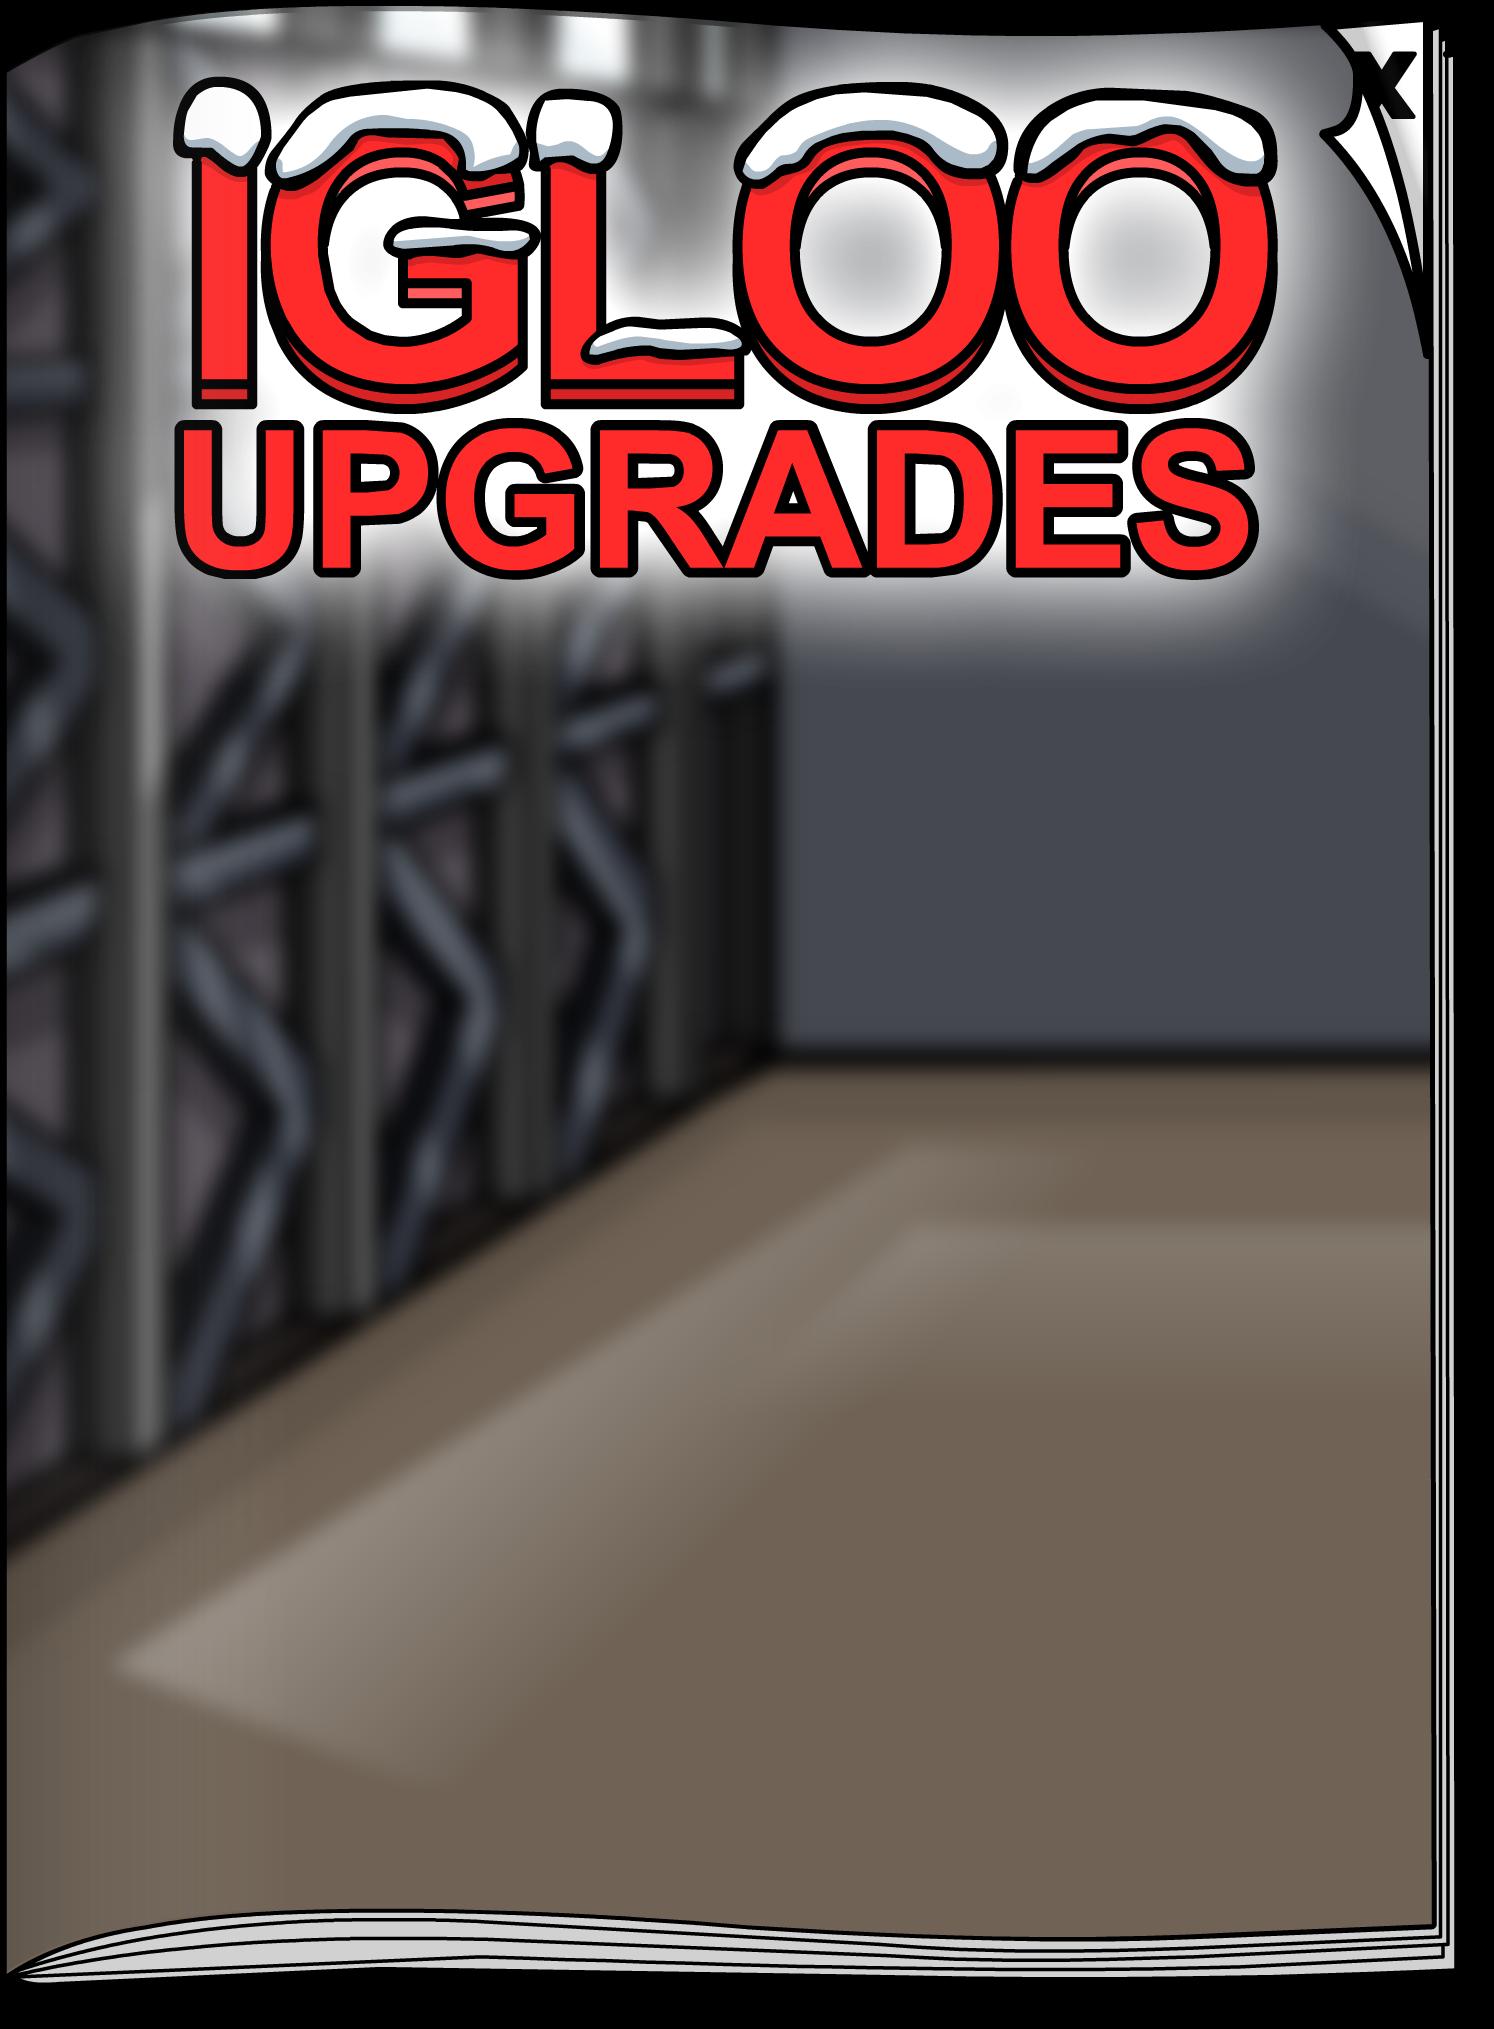 Igloo Upgrades Jun'18